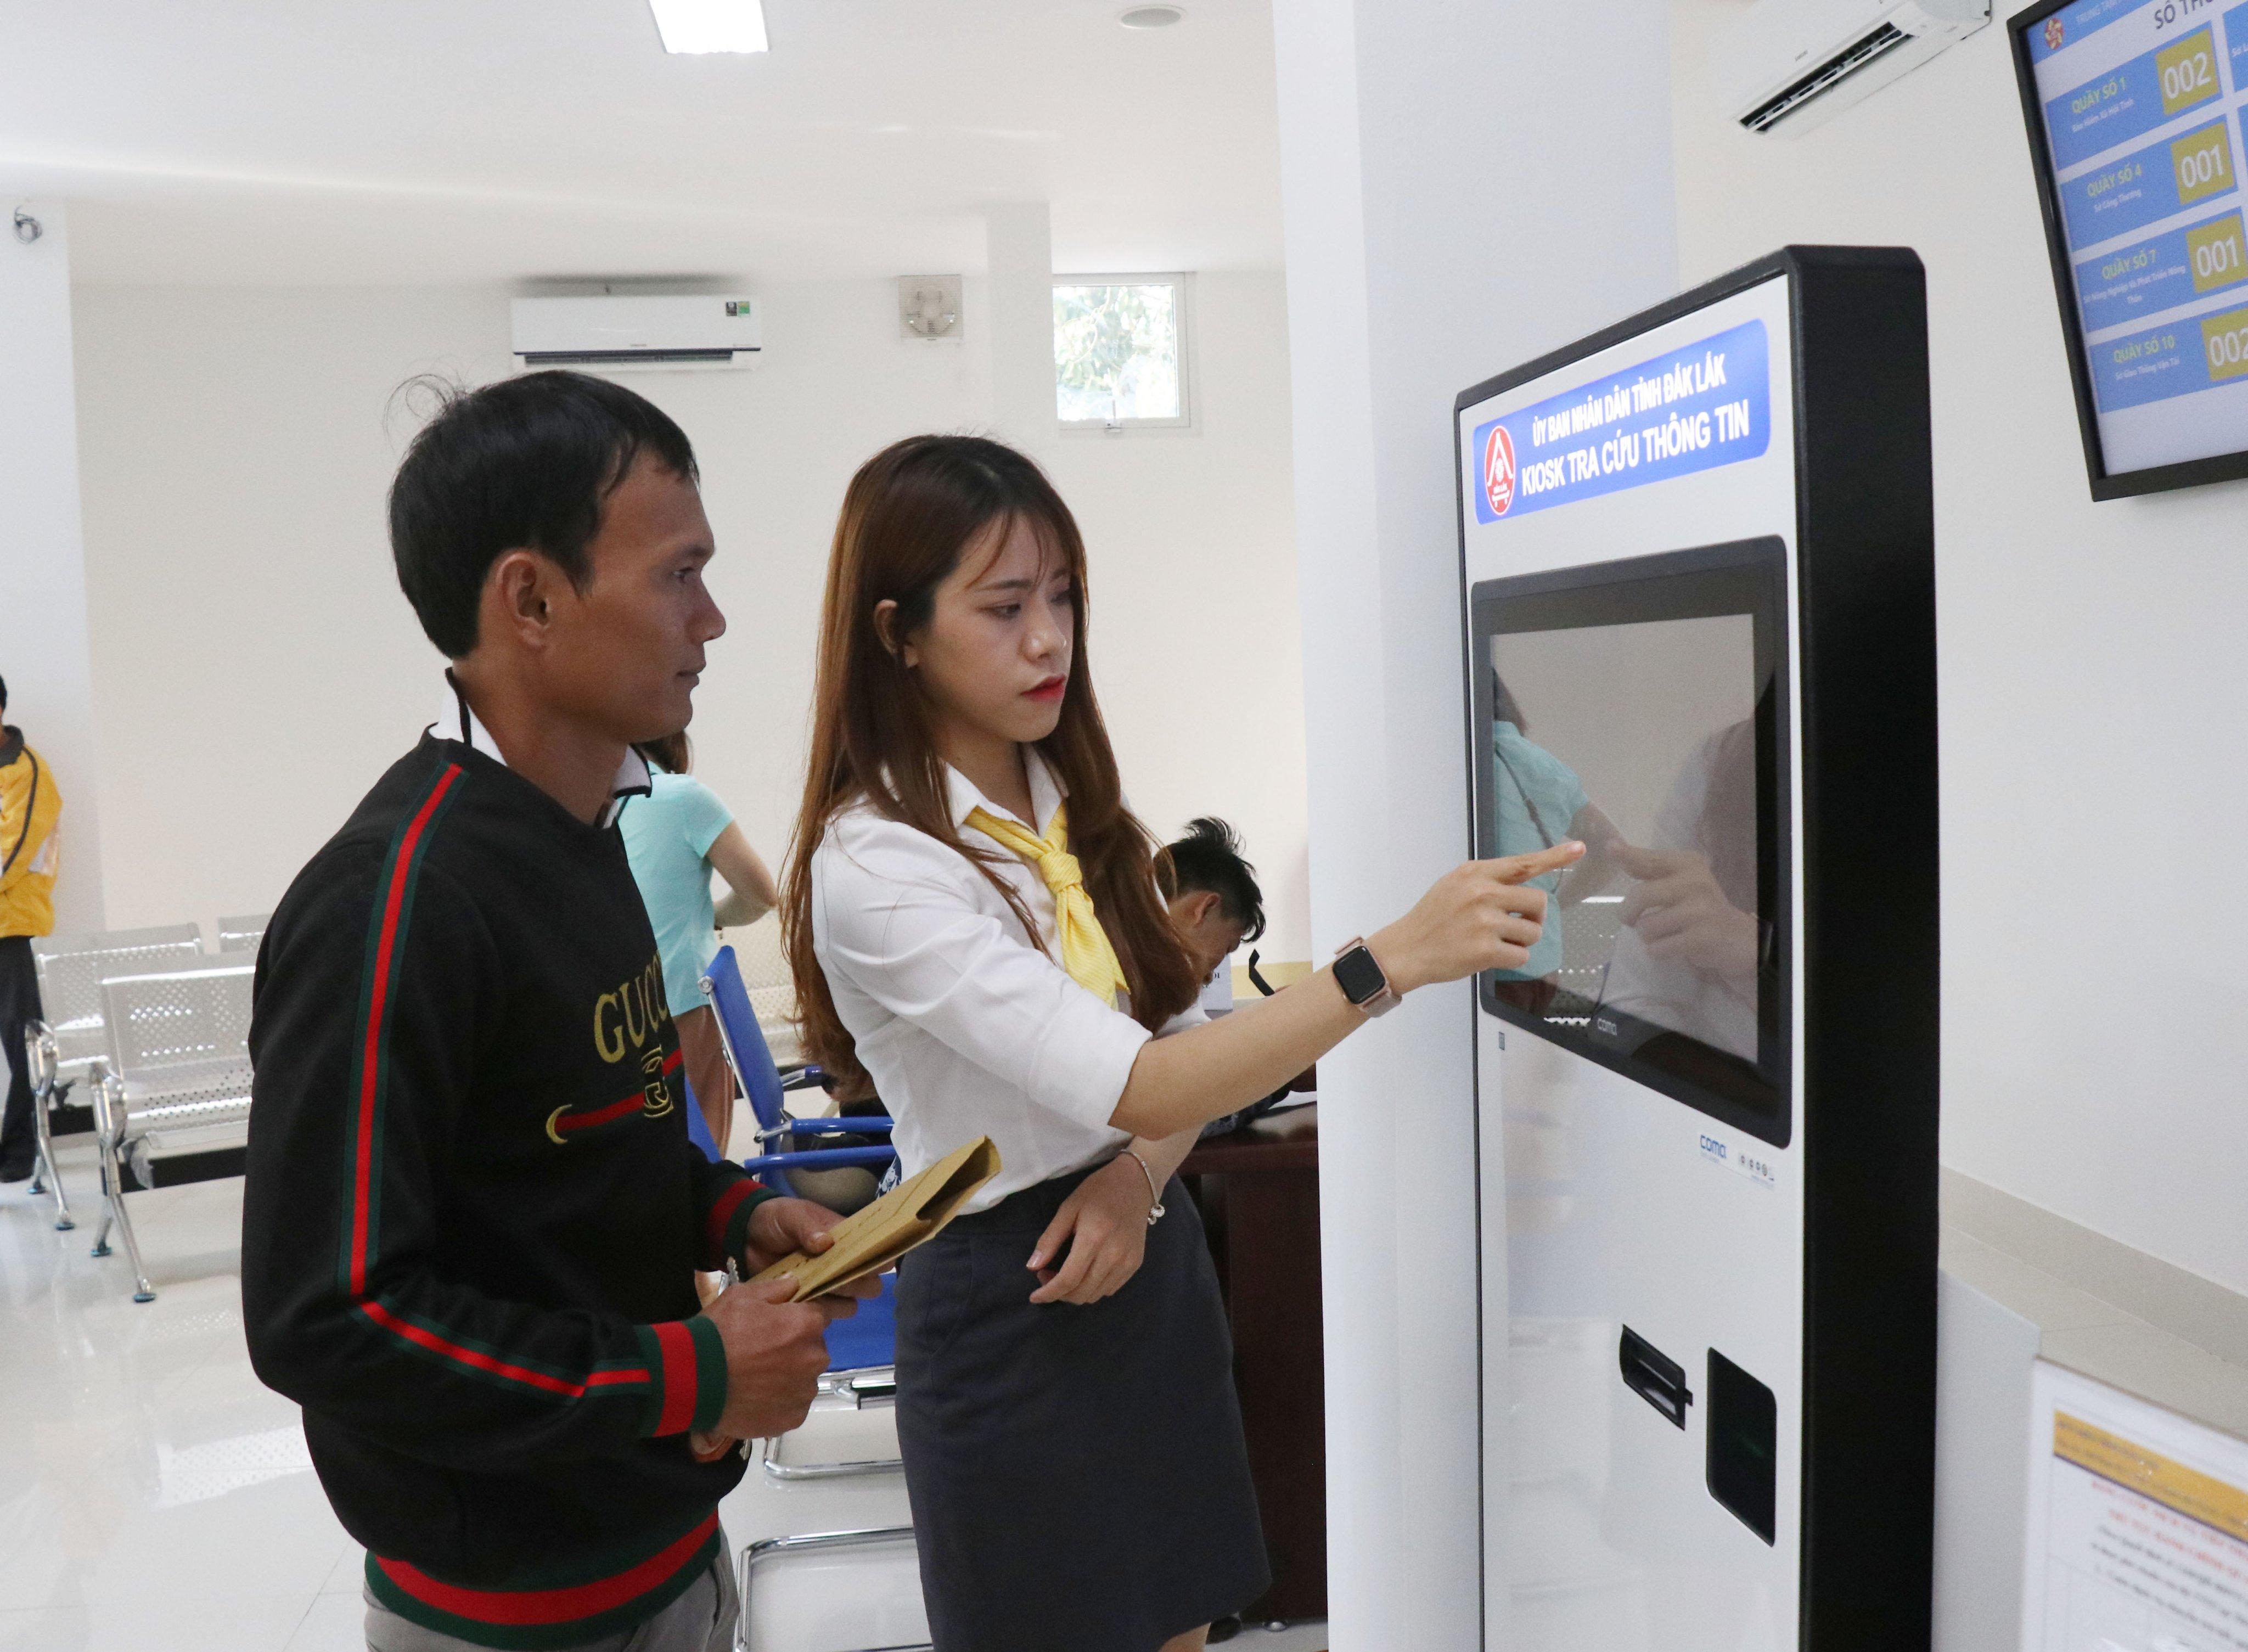 Giảm 50% cước tiếp nhận hồ sơ, trả kết quả thủ tục hành chính thông qua dịch vụ bưu chính công ích